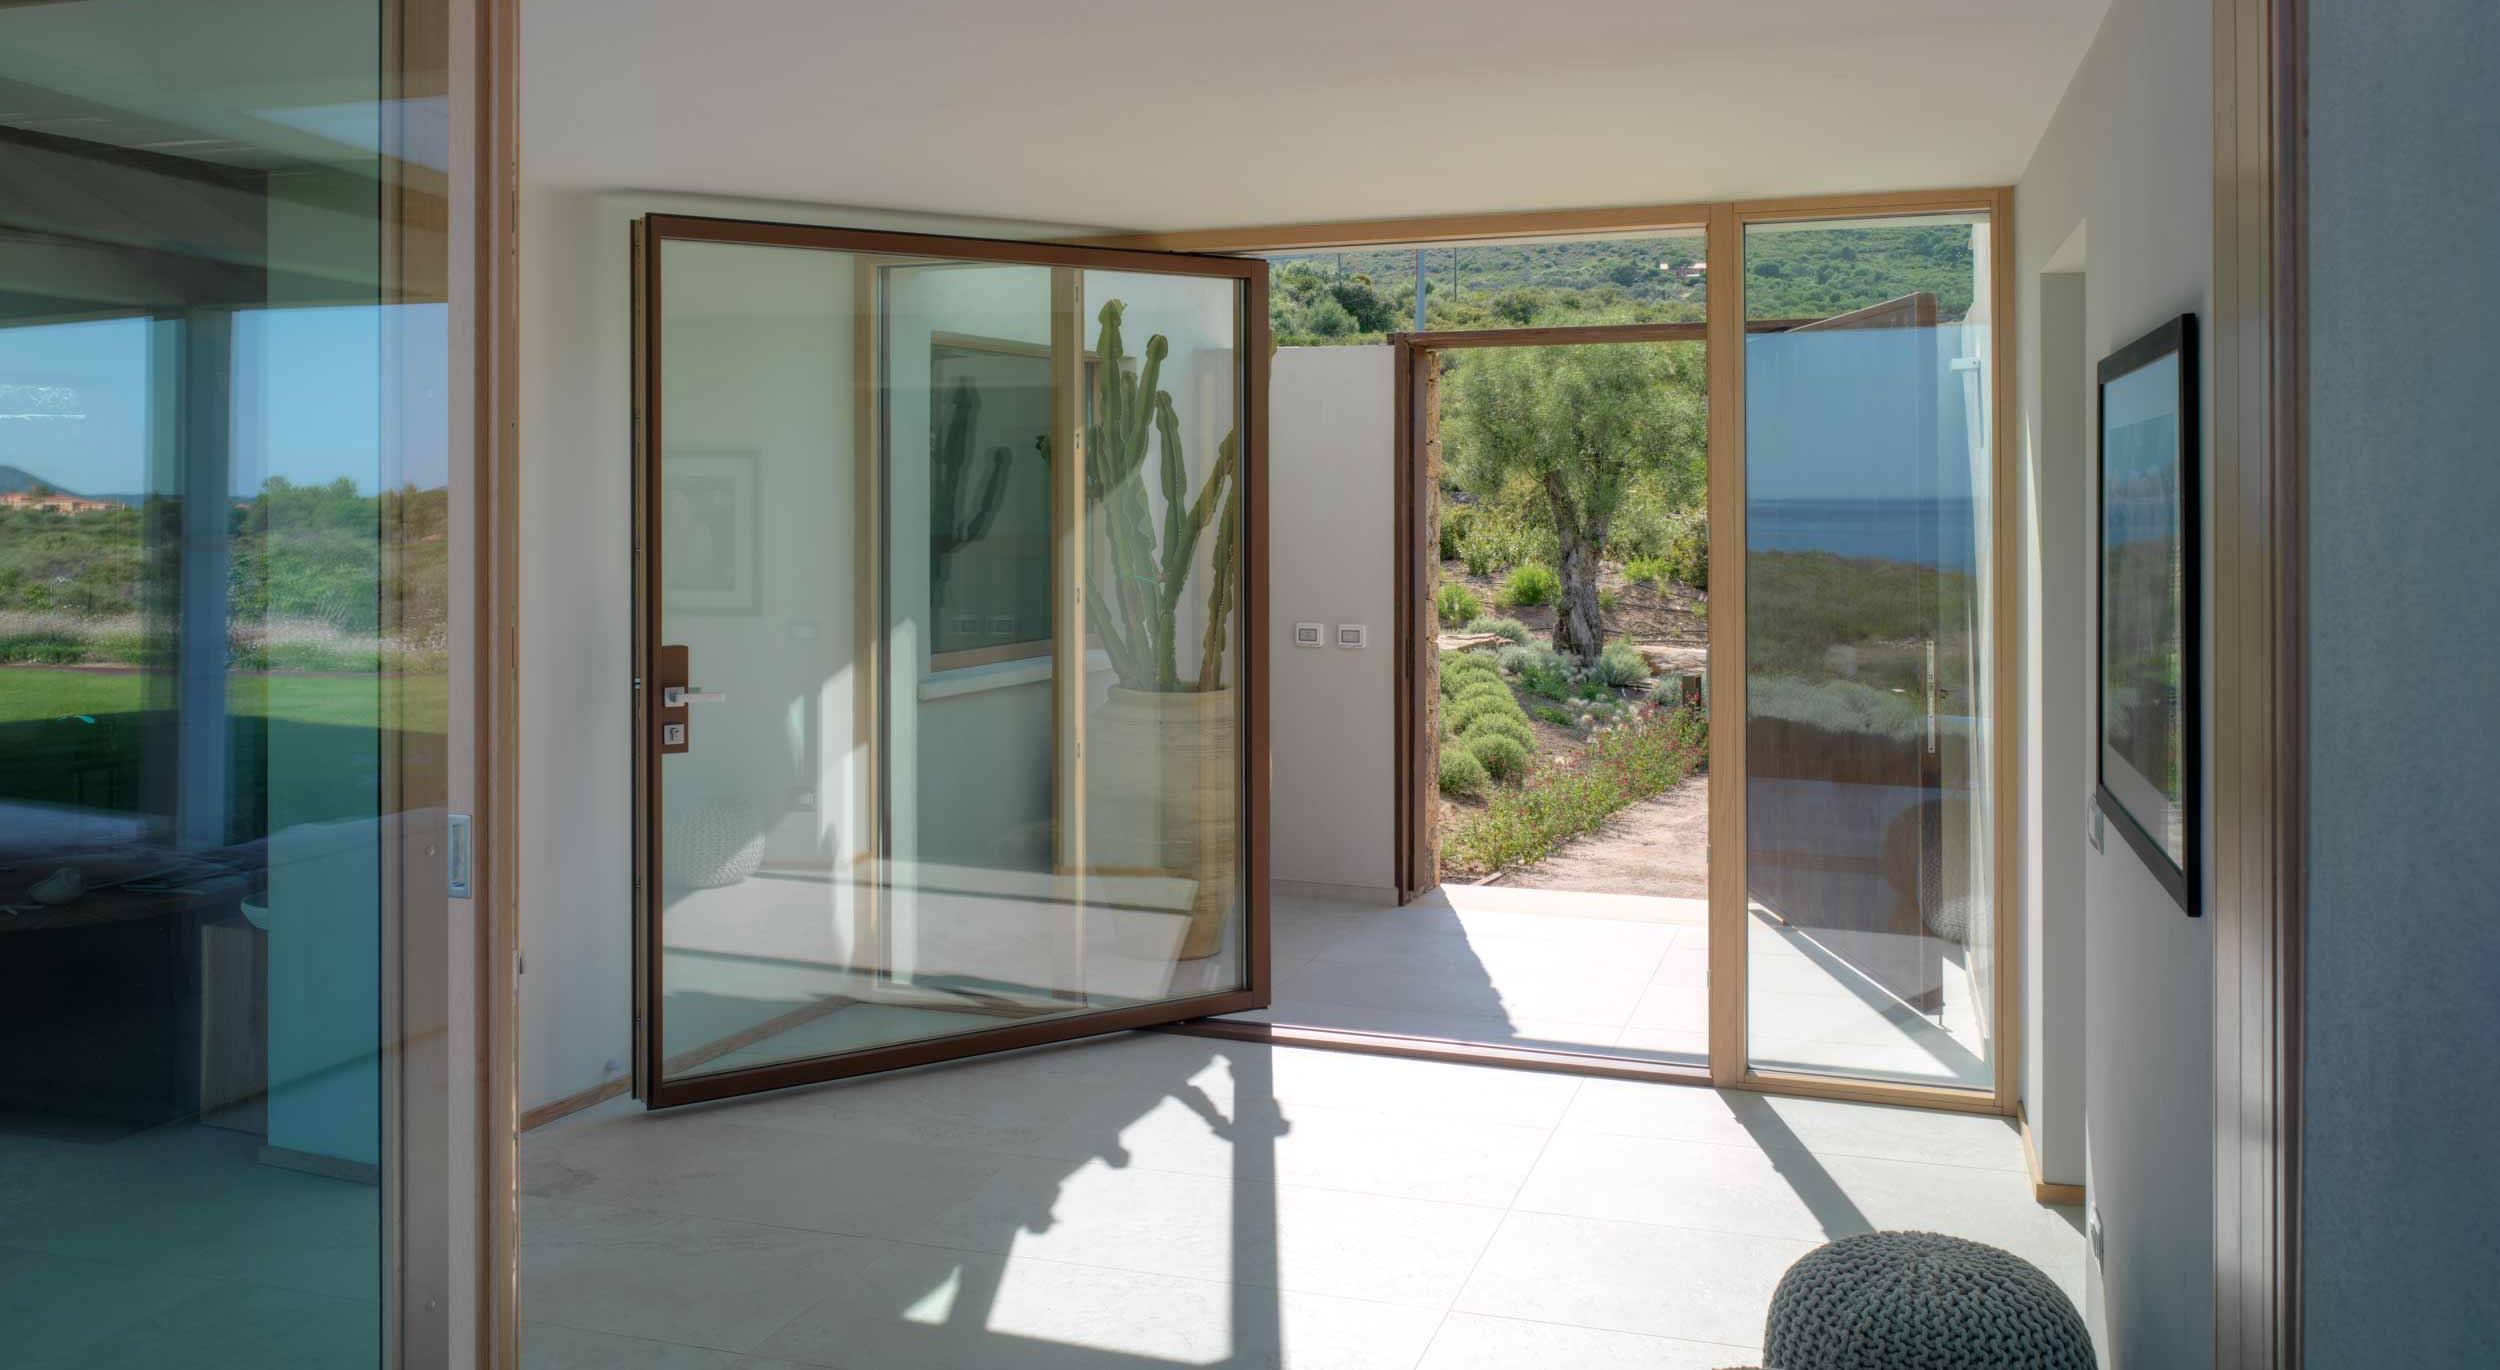 Vista interna di una porta a bilico verticale con rivestimento esterno in alluminio effetto corten